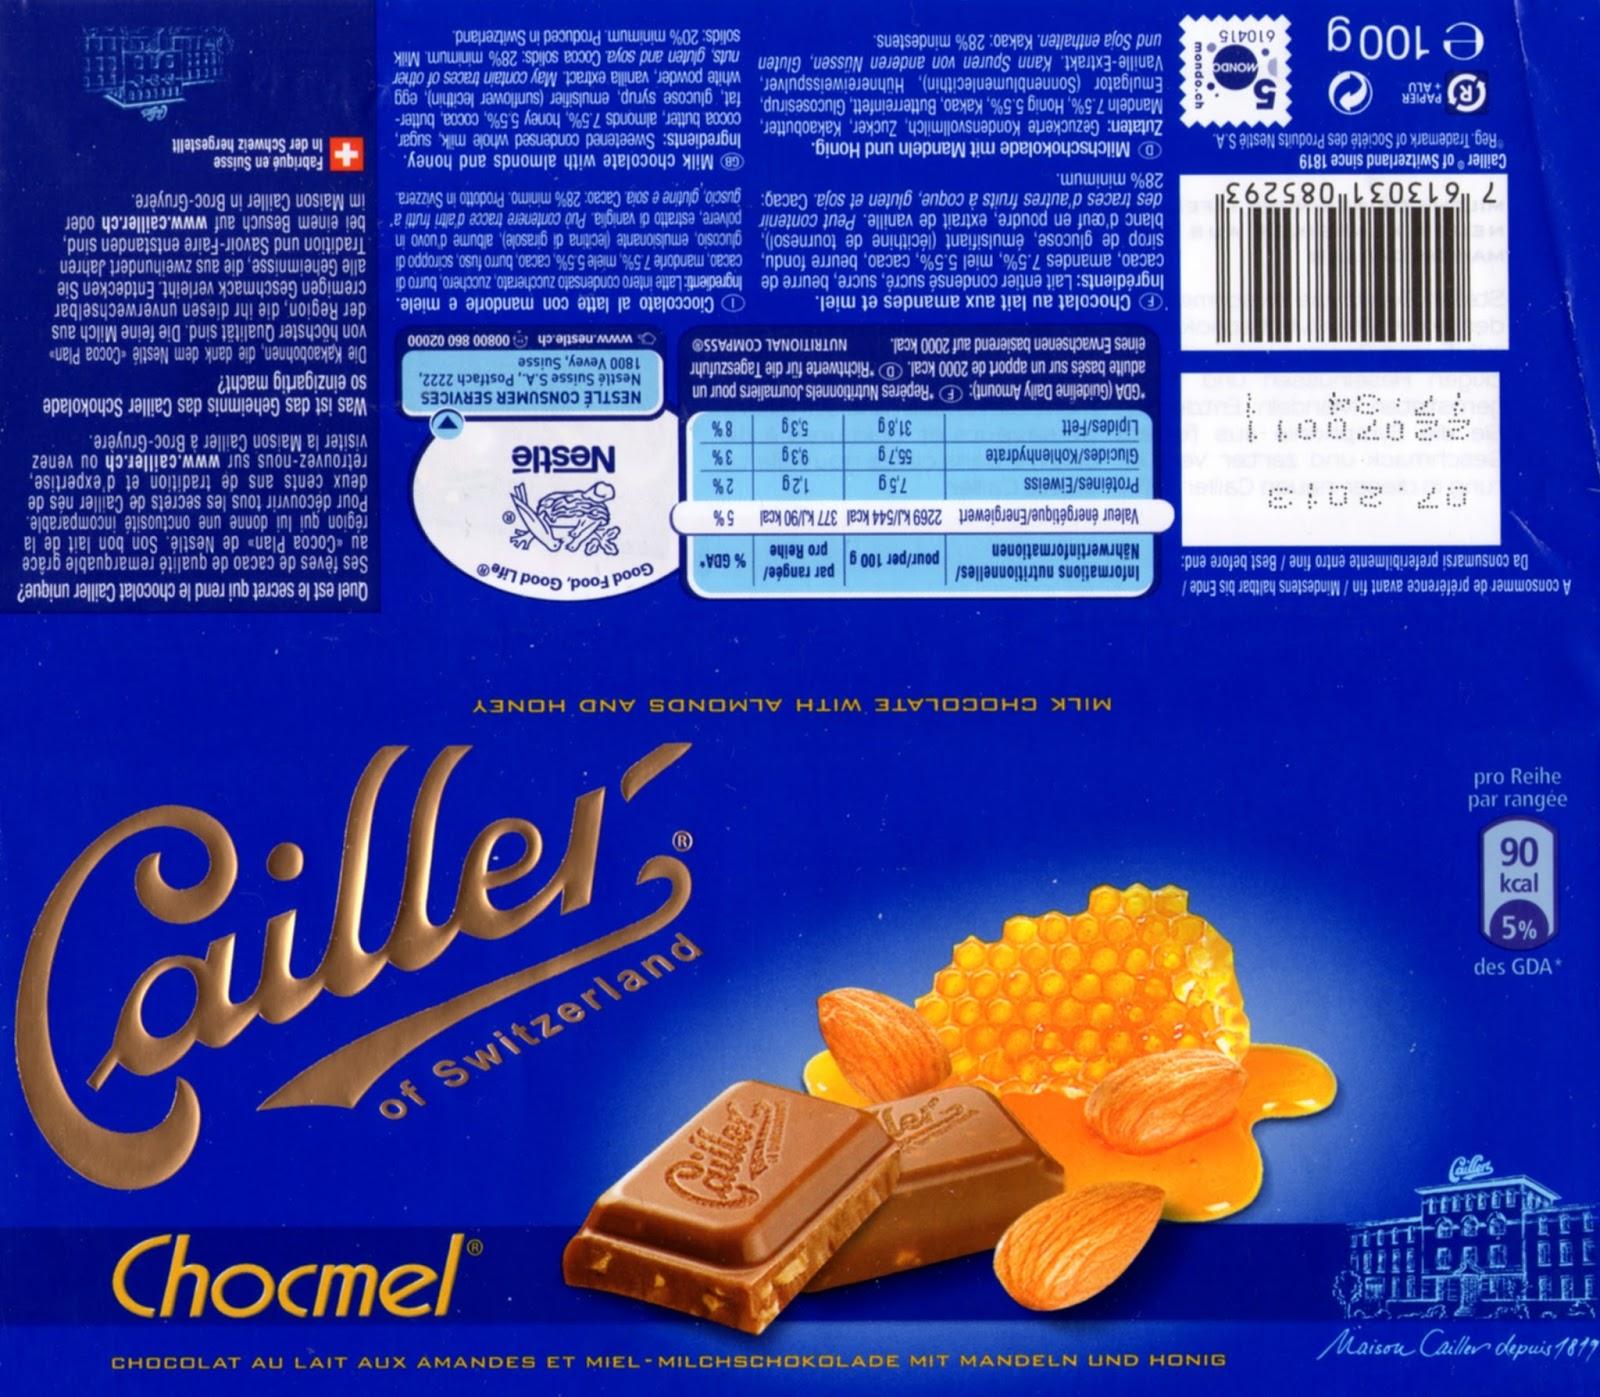 tablette de chocolat lait gourmand cailler chocmel lait amandes et miel